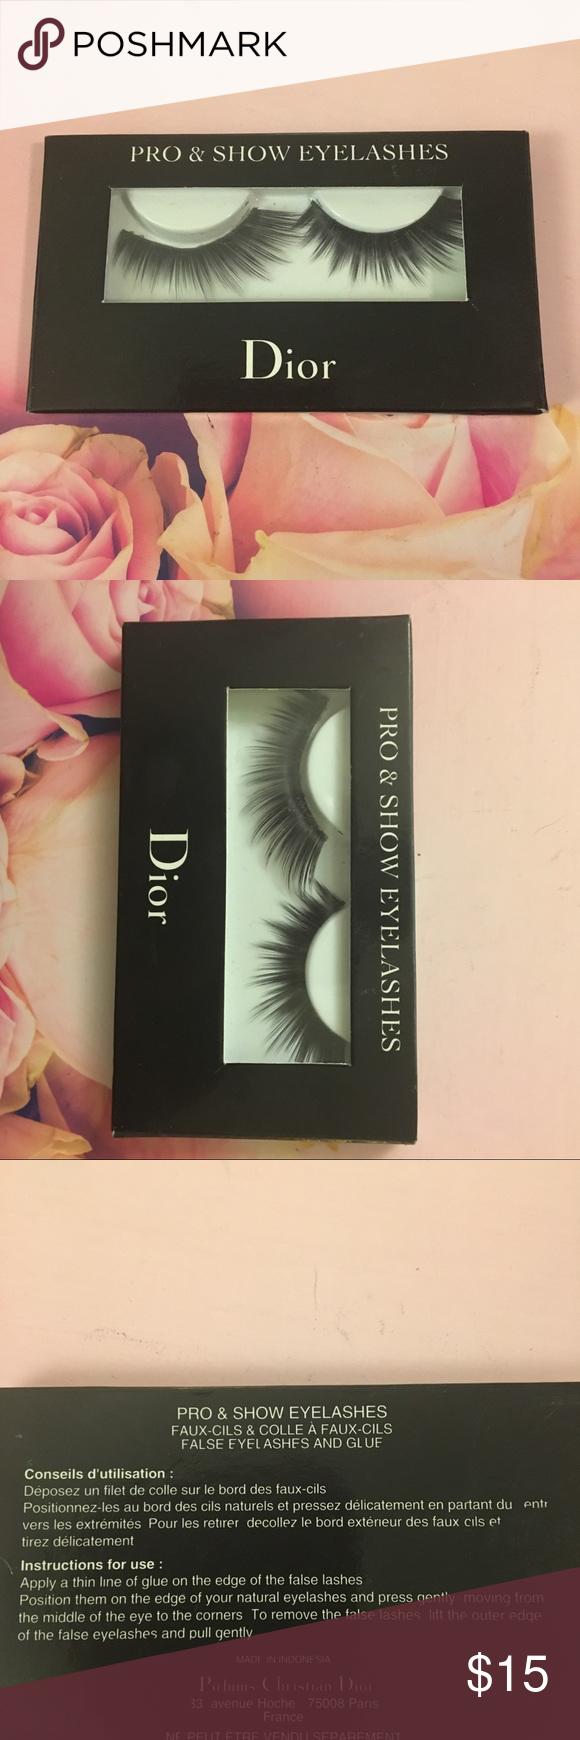 Dior Eyelashes New In Box Christian Dior False Lashes Dior Makeup